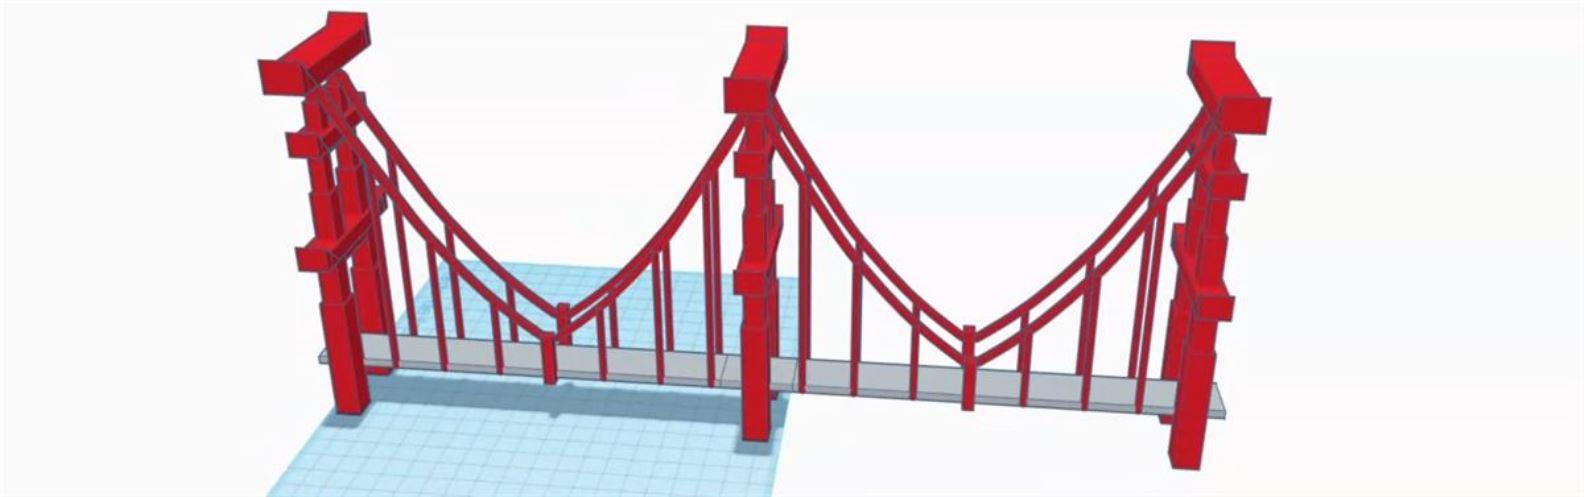 Actividad para niños de Arte 2D/3D: El puente de San Fransokyo